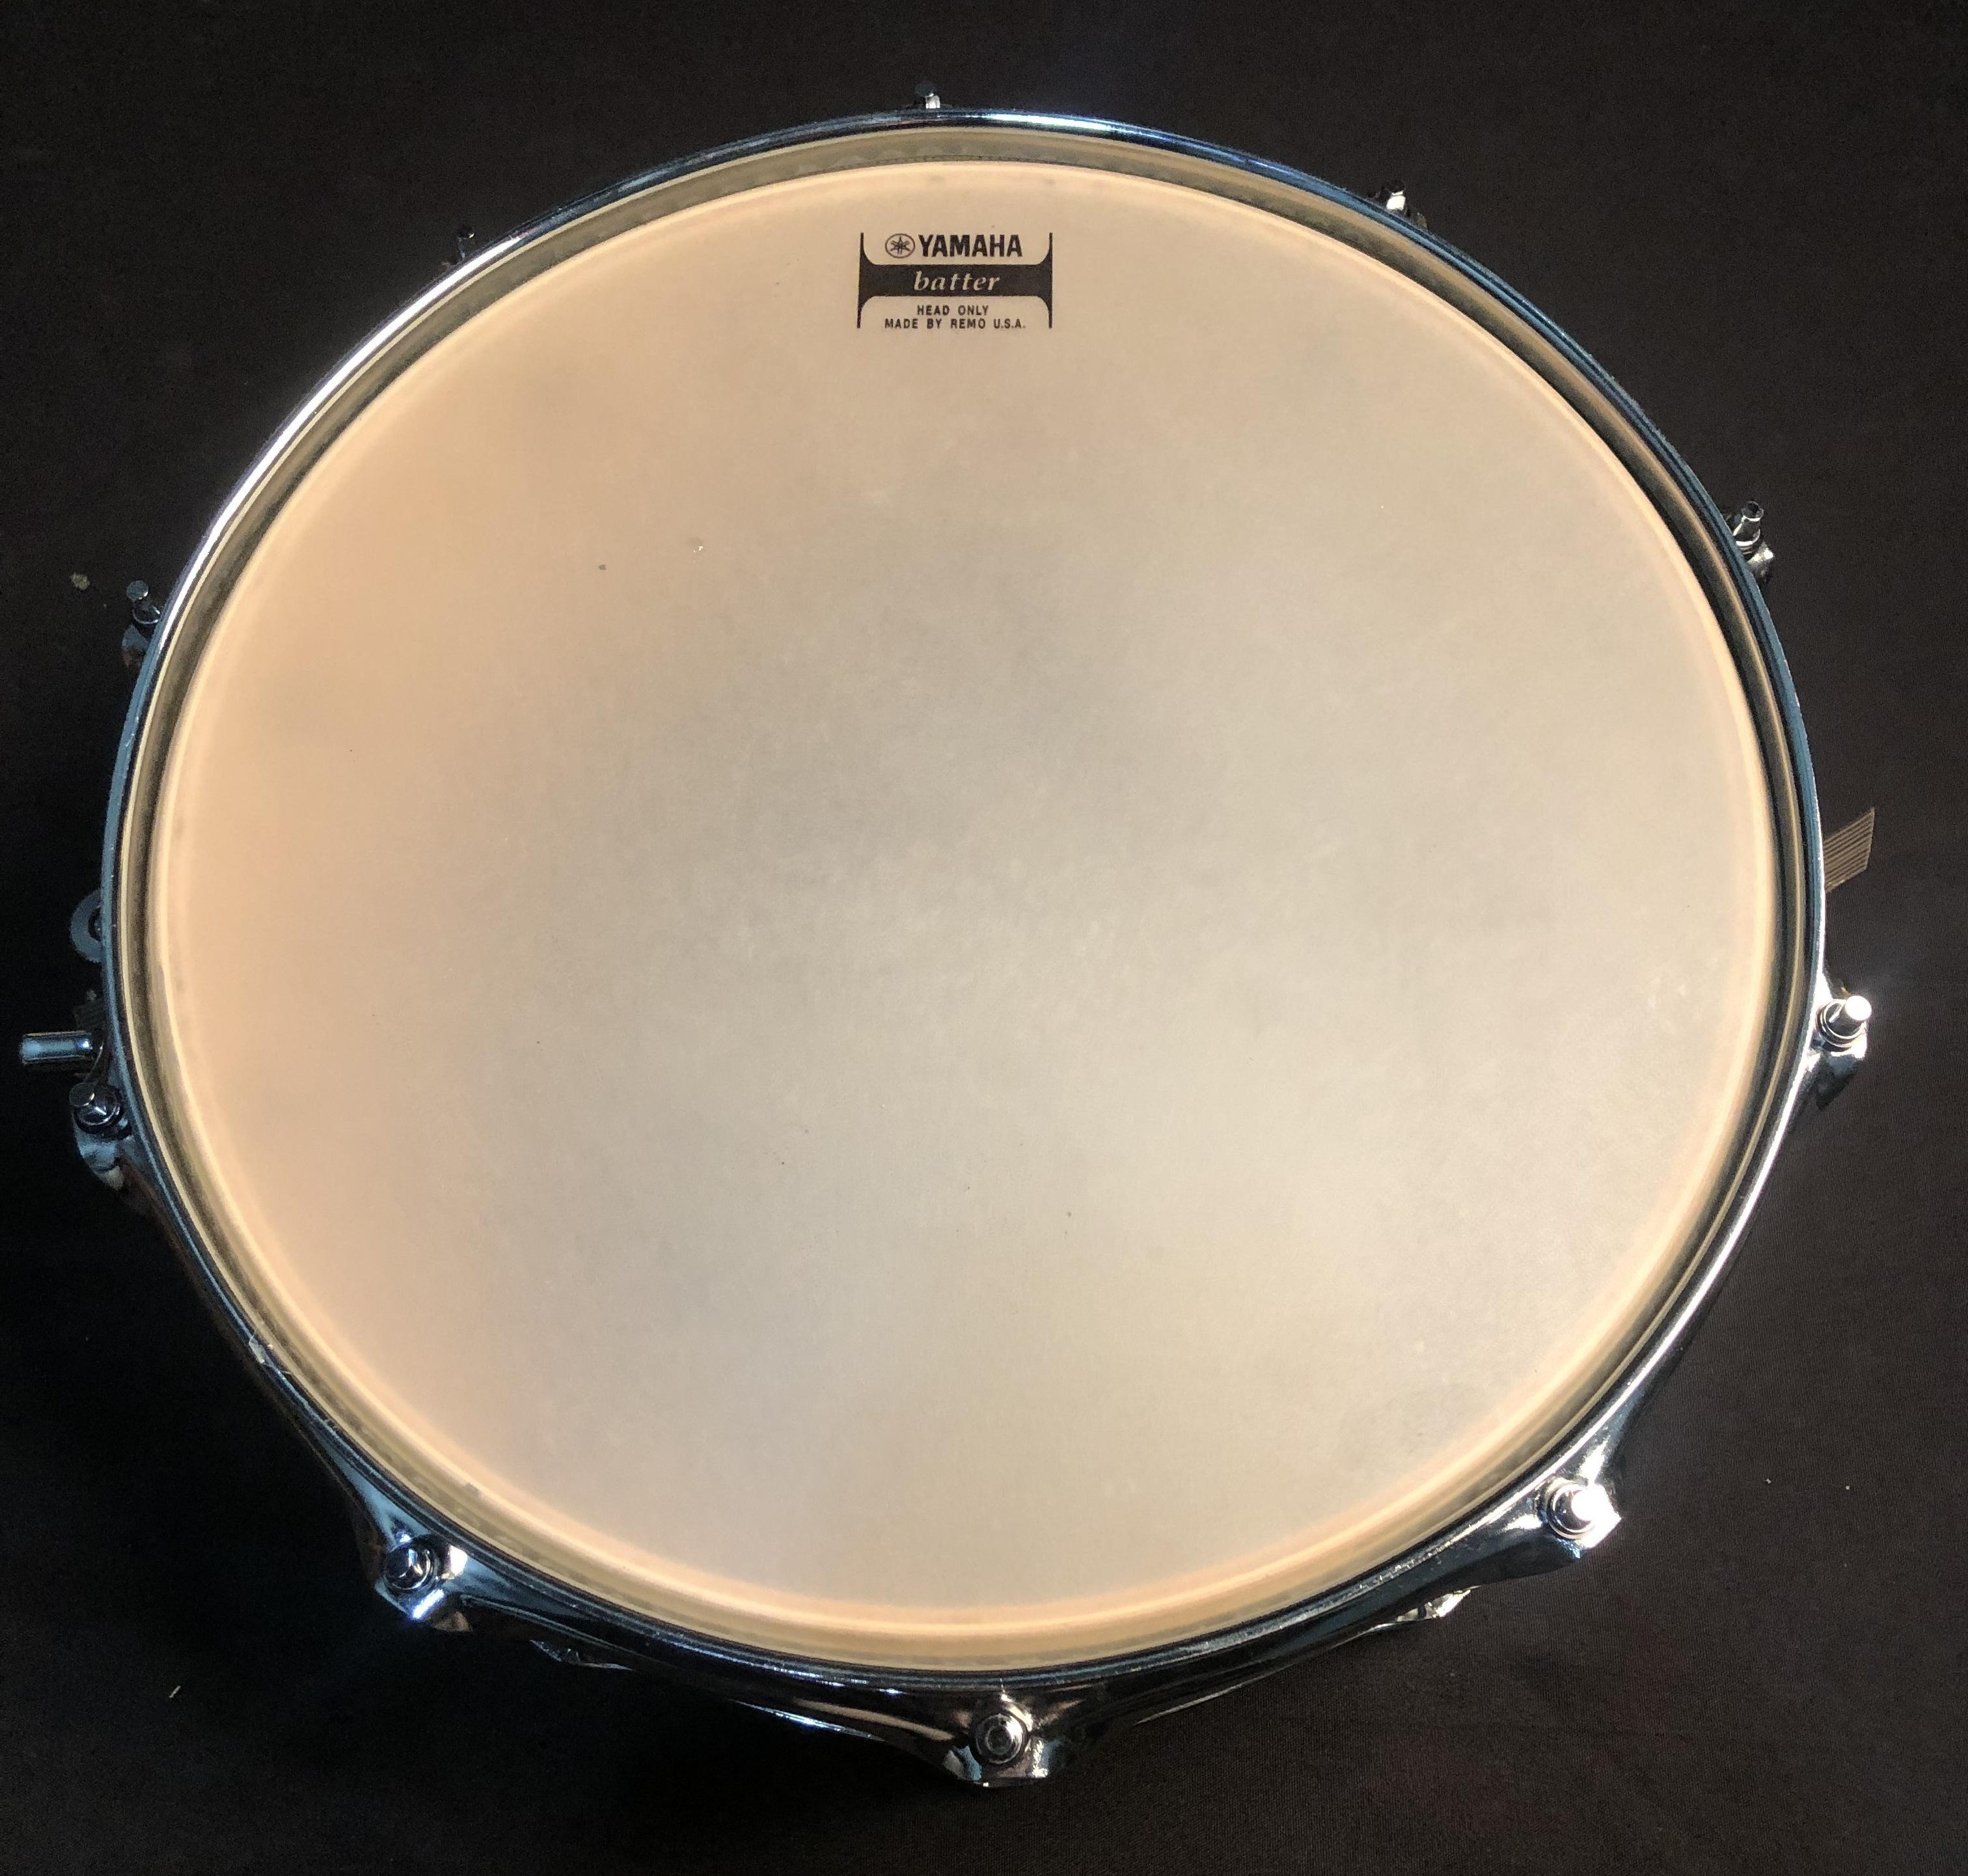 YAMAHA - CSM1465AII Concert Snare Drum 14